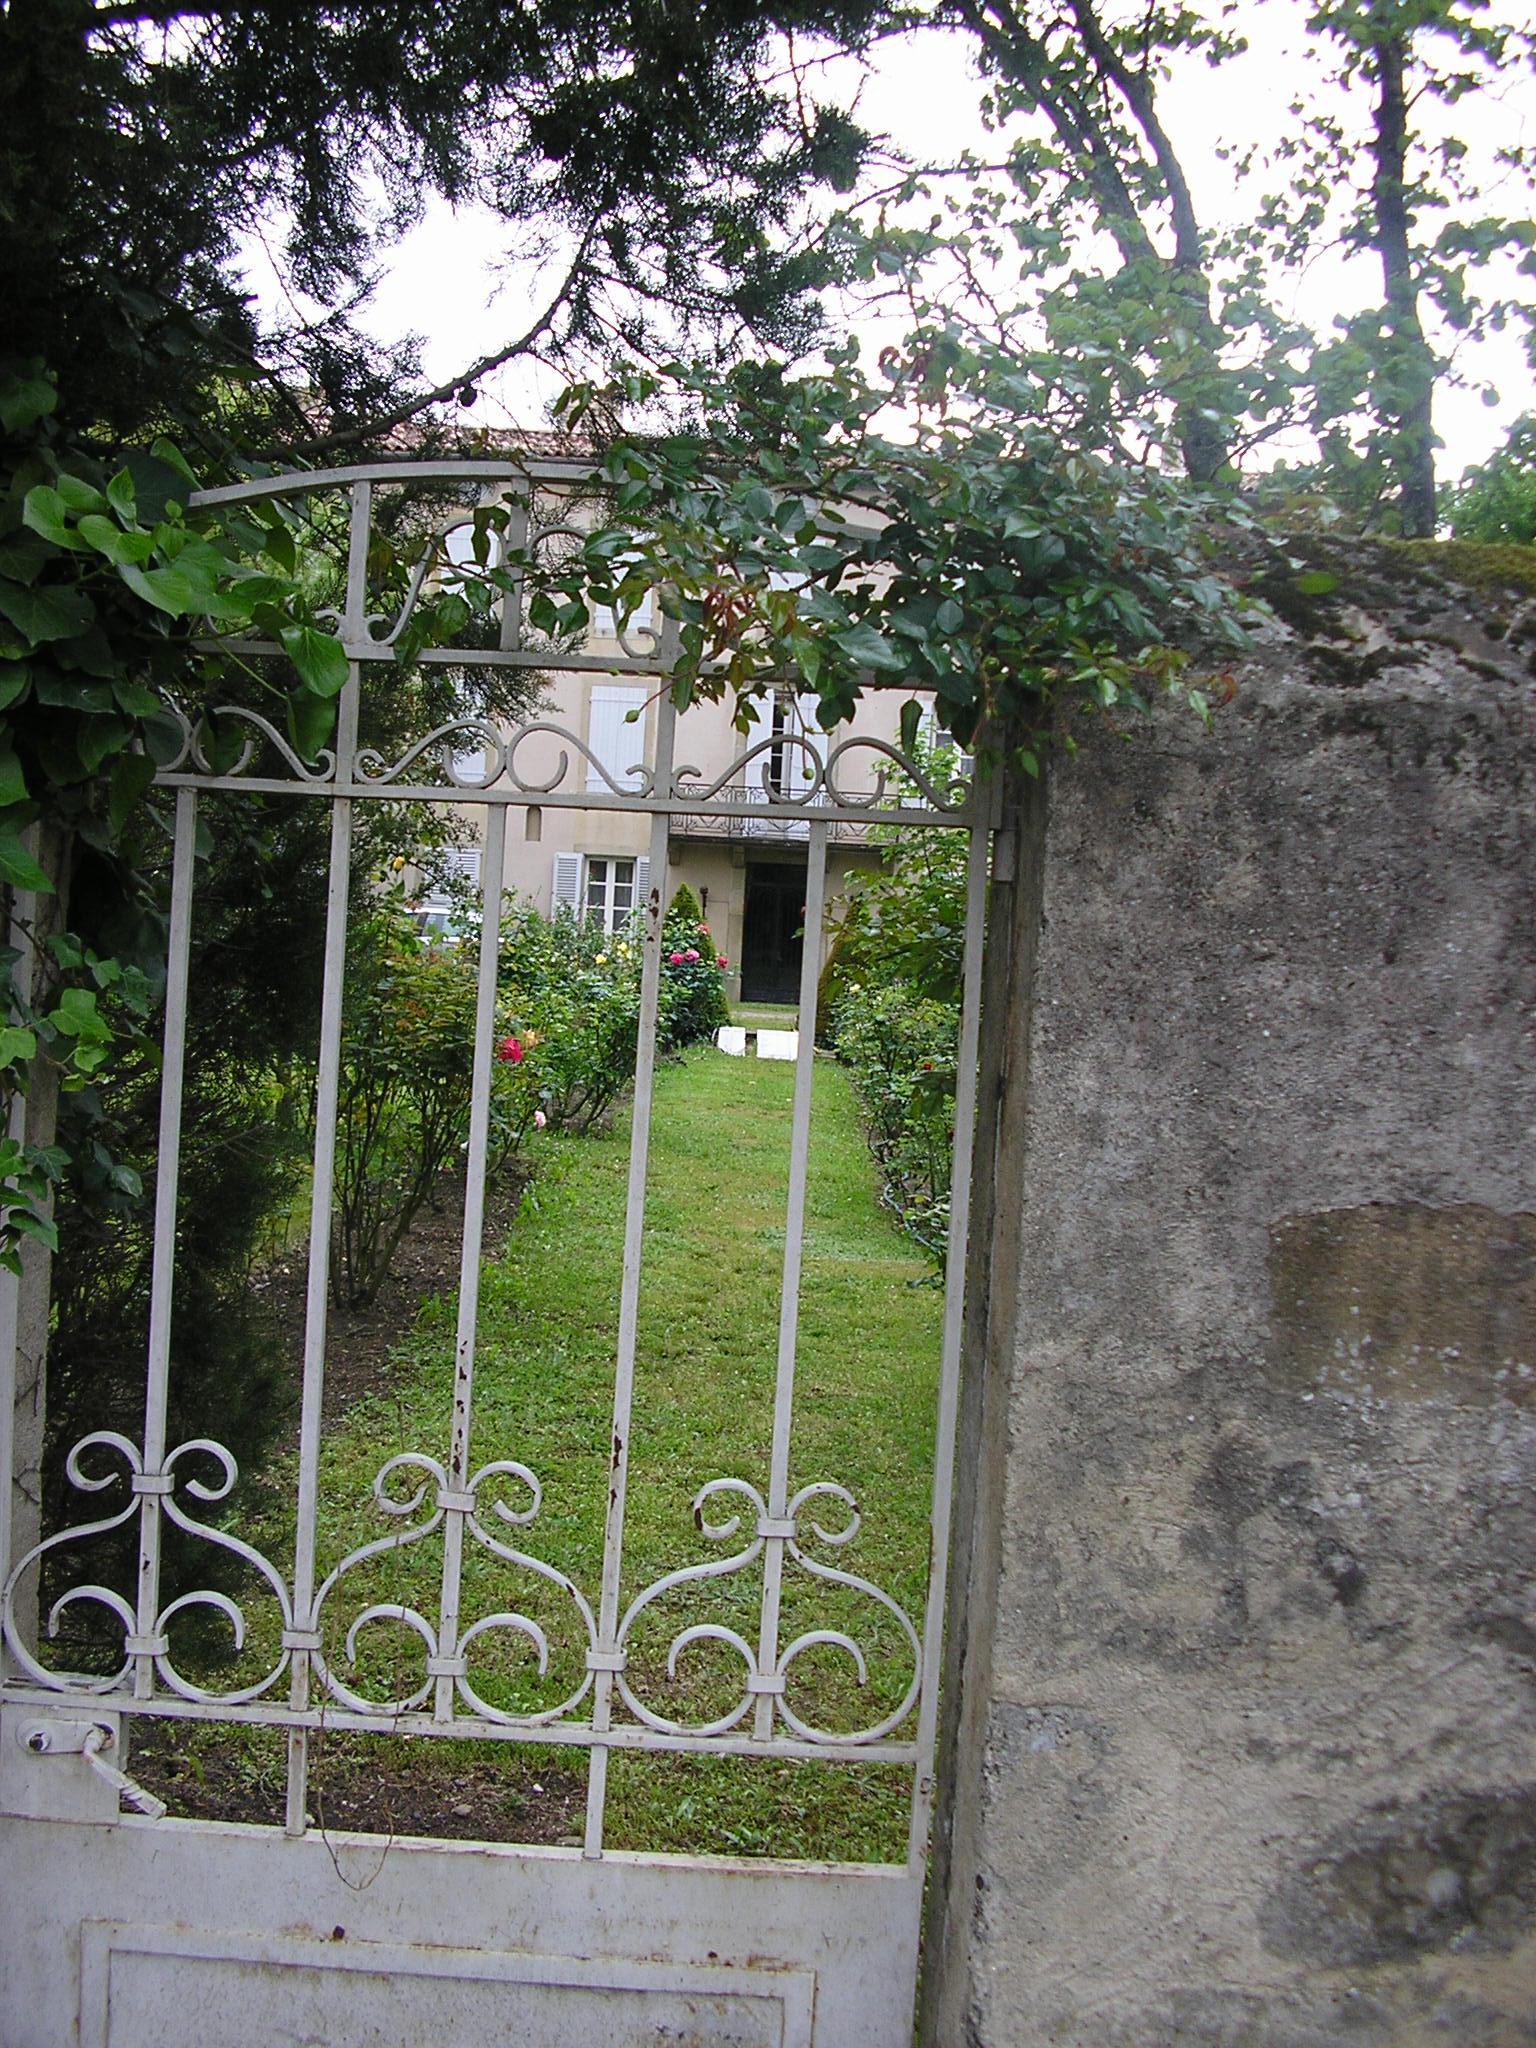 A well tended garden